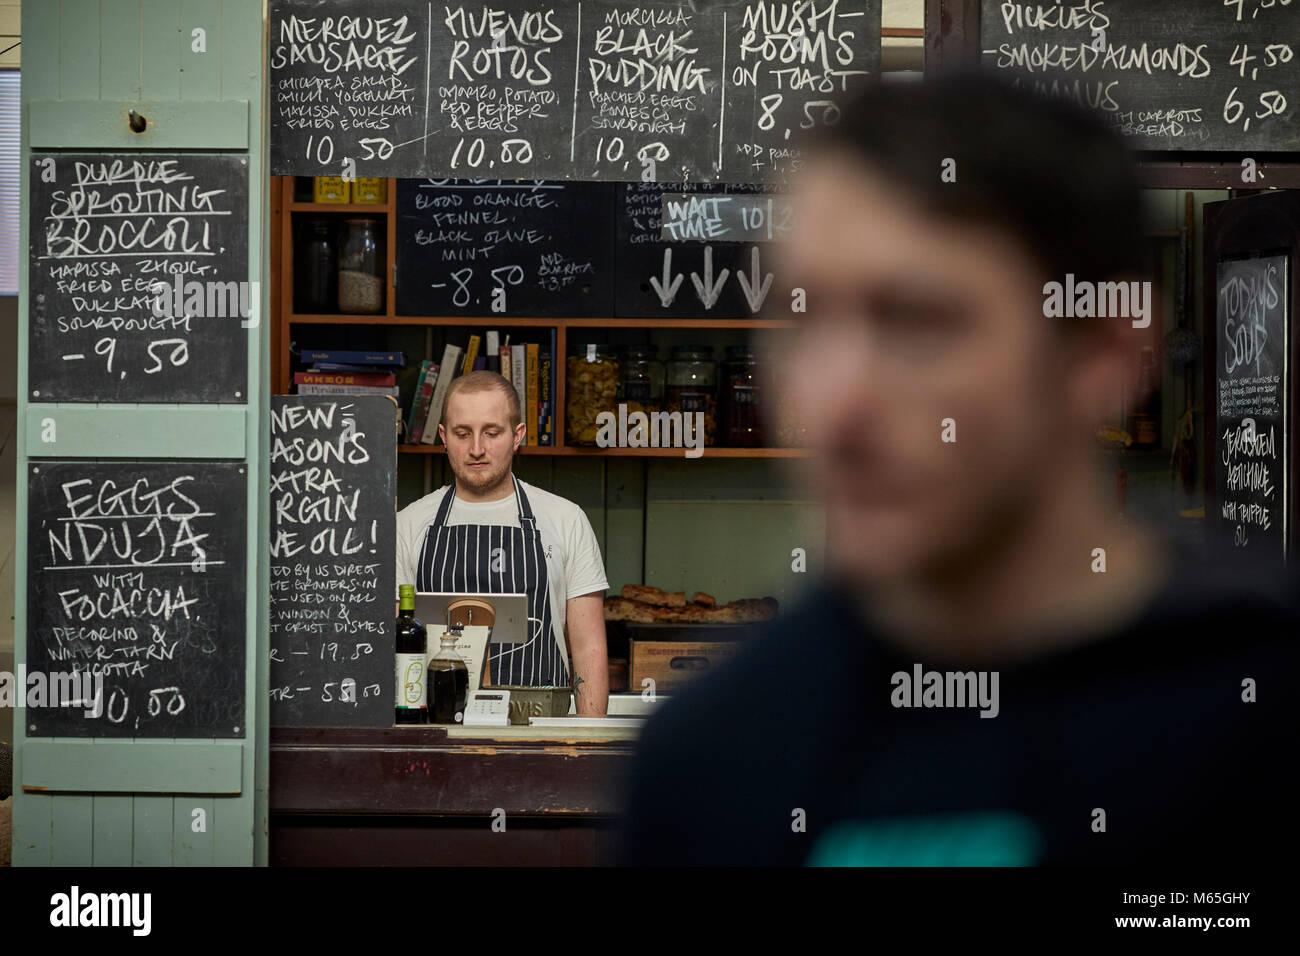 Café Maison du marché dans le décrochage du marché classé Grade II maison dans le centre-ville de Altrincham, Cheshire. Une destination alimentaire chargé et passionnant Banque D'Images